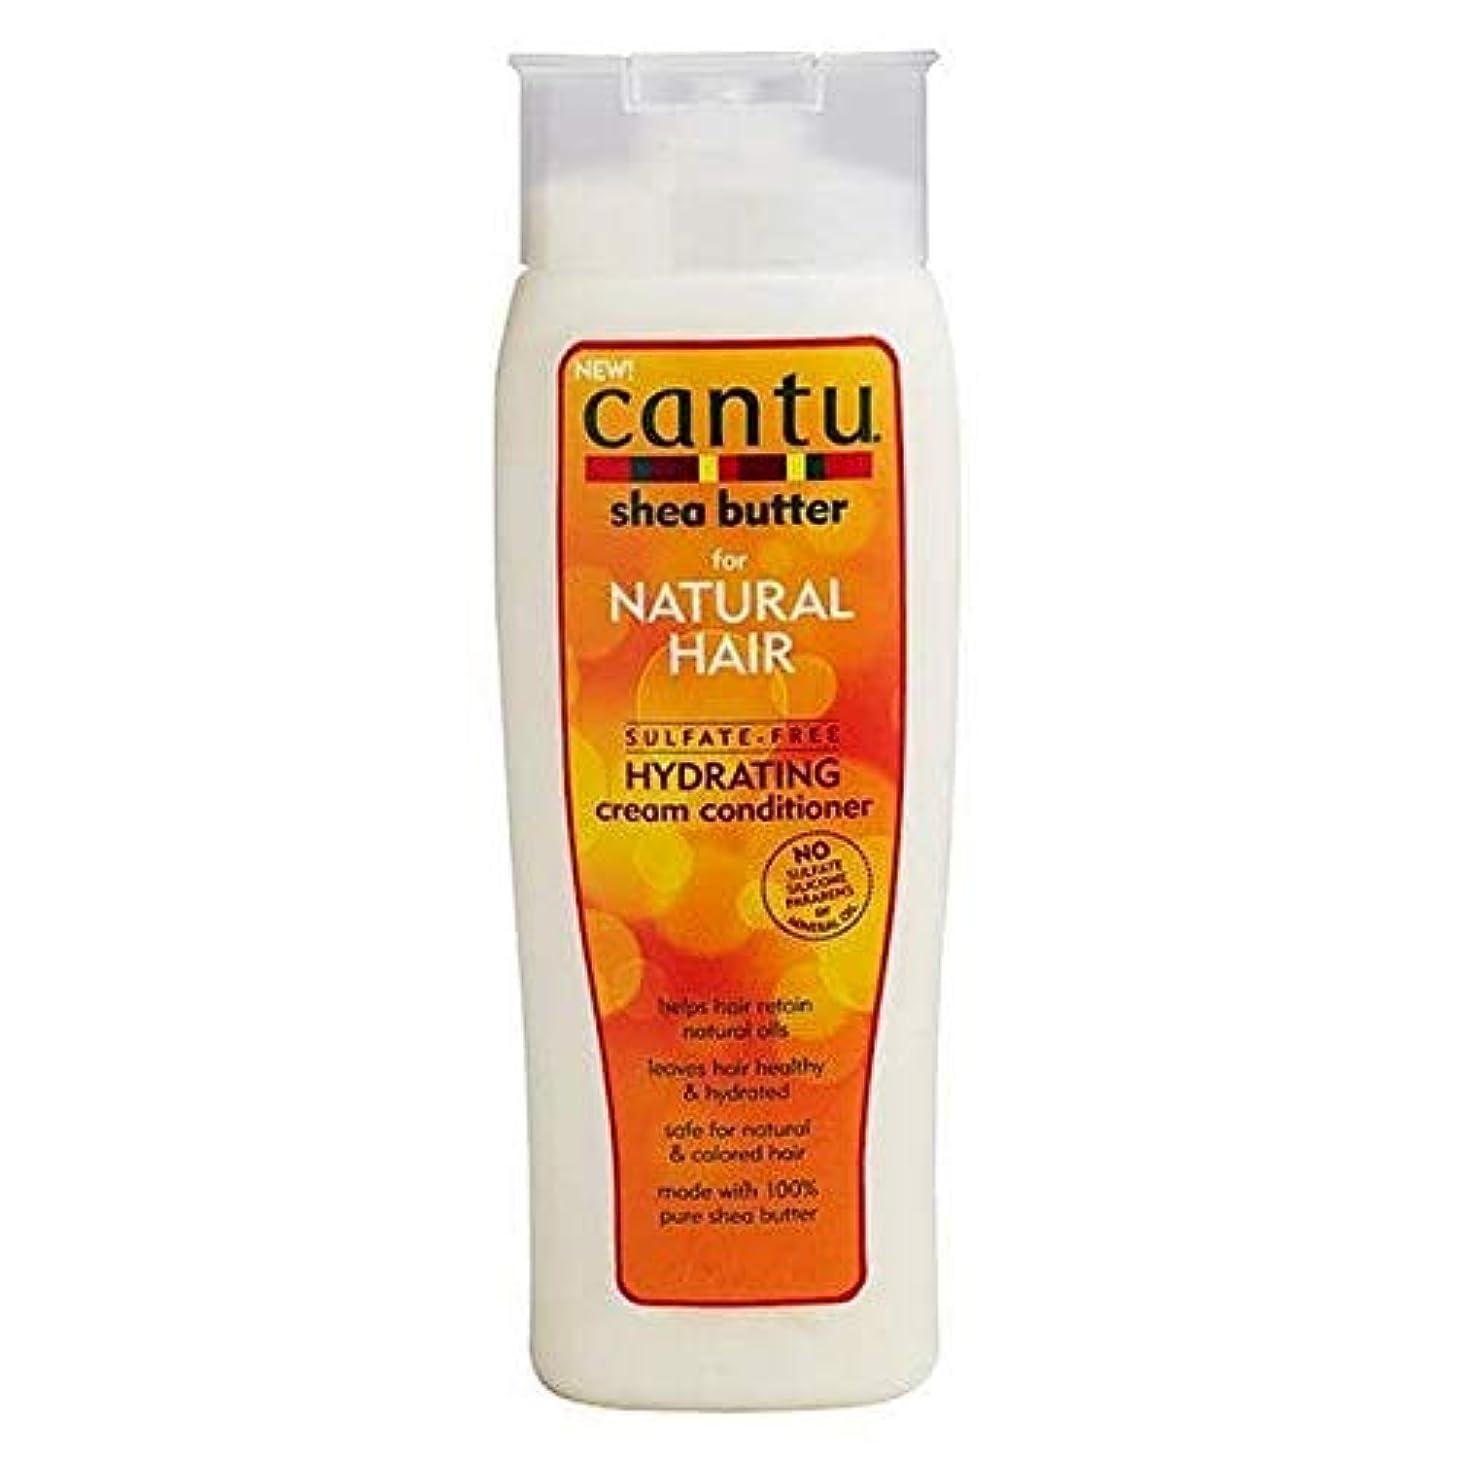 検閲わざわざ慎重に[Cantu ] カントゥ硫酸フリーの水和クリームコンディショナー400ミリリットル - Cantu Sulfate-Free Hydrating Cream Conditioner 400ml [並行輸入品]